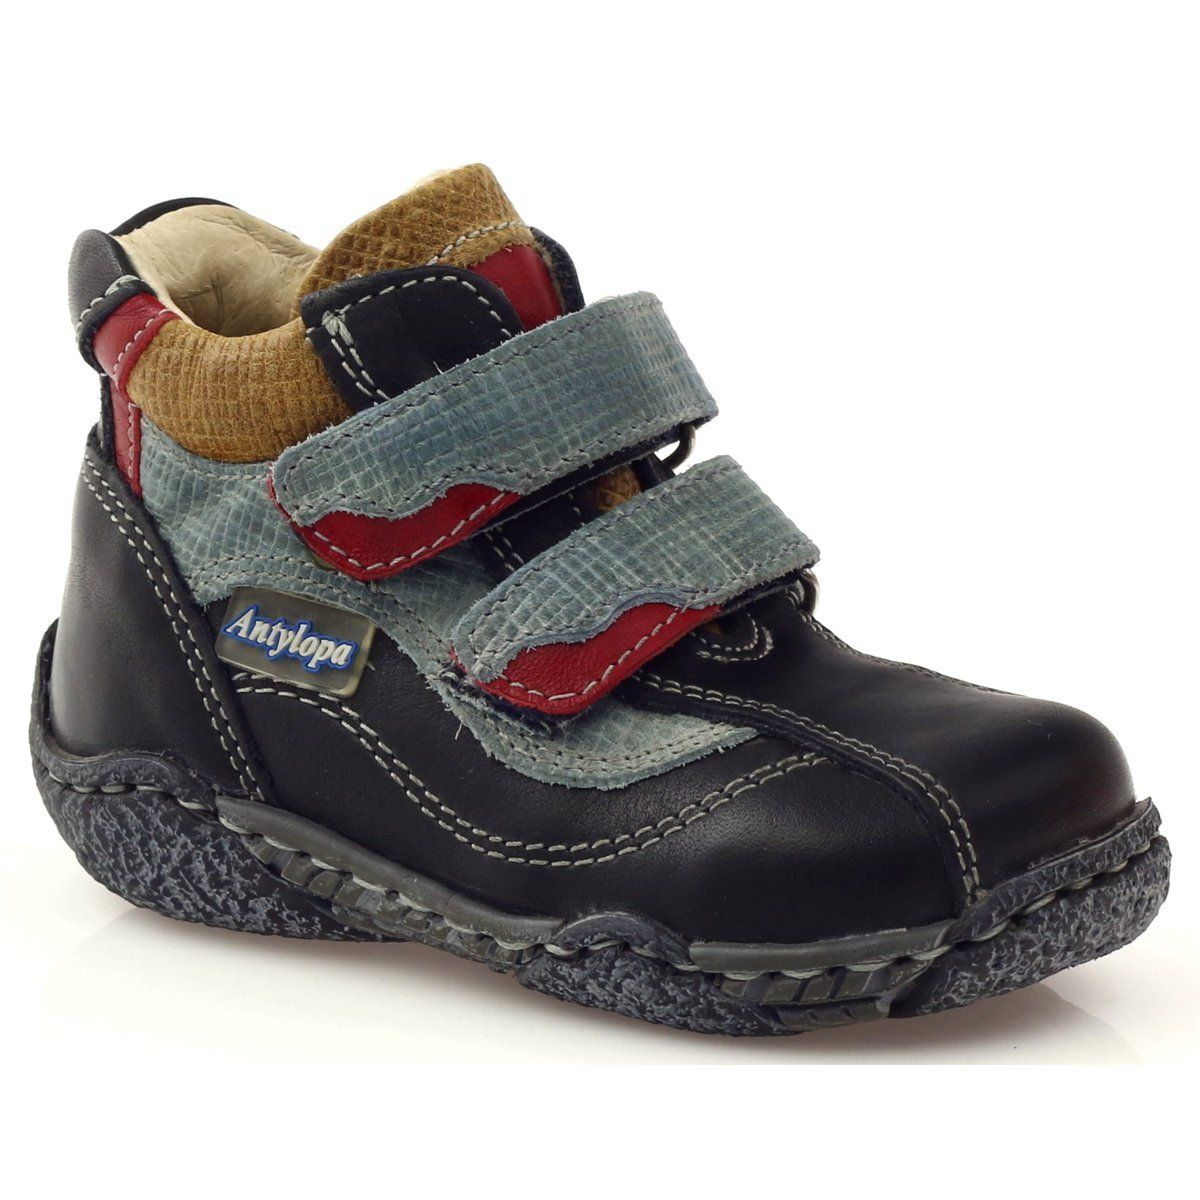 Trzewiki Dzieciece Rzepy Antylopa Granatowe Czerwone Niebieskie Czarne Childrens Leather Shoes Kid Shoes Boys Boots